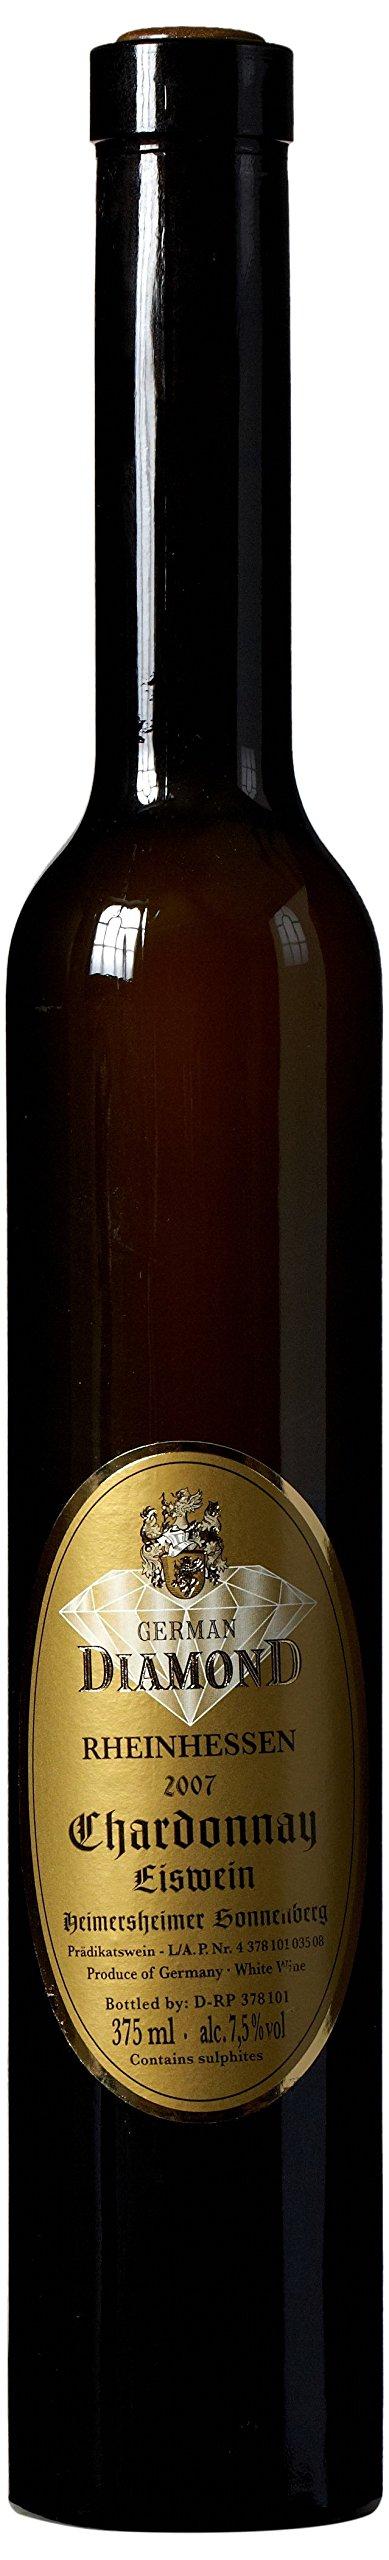 2007 King Frosch Chardonnay Eiswein 375 mL wine All Natural German Eiswein